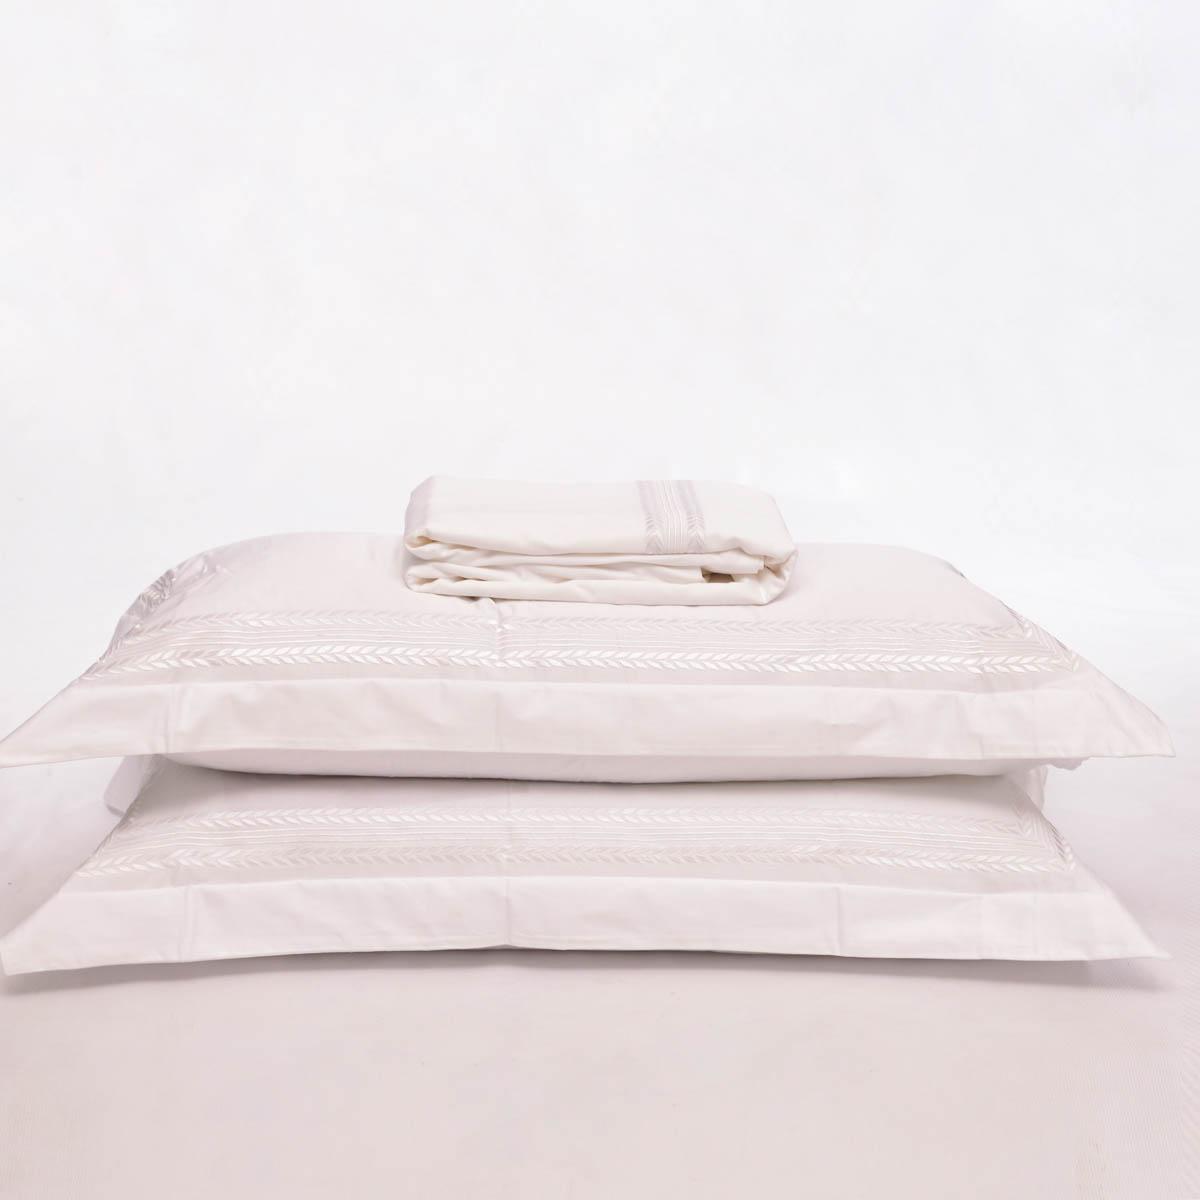 Duvet 2 Sham K Caprice Blanco